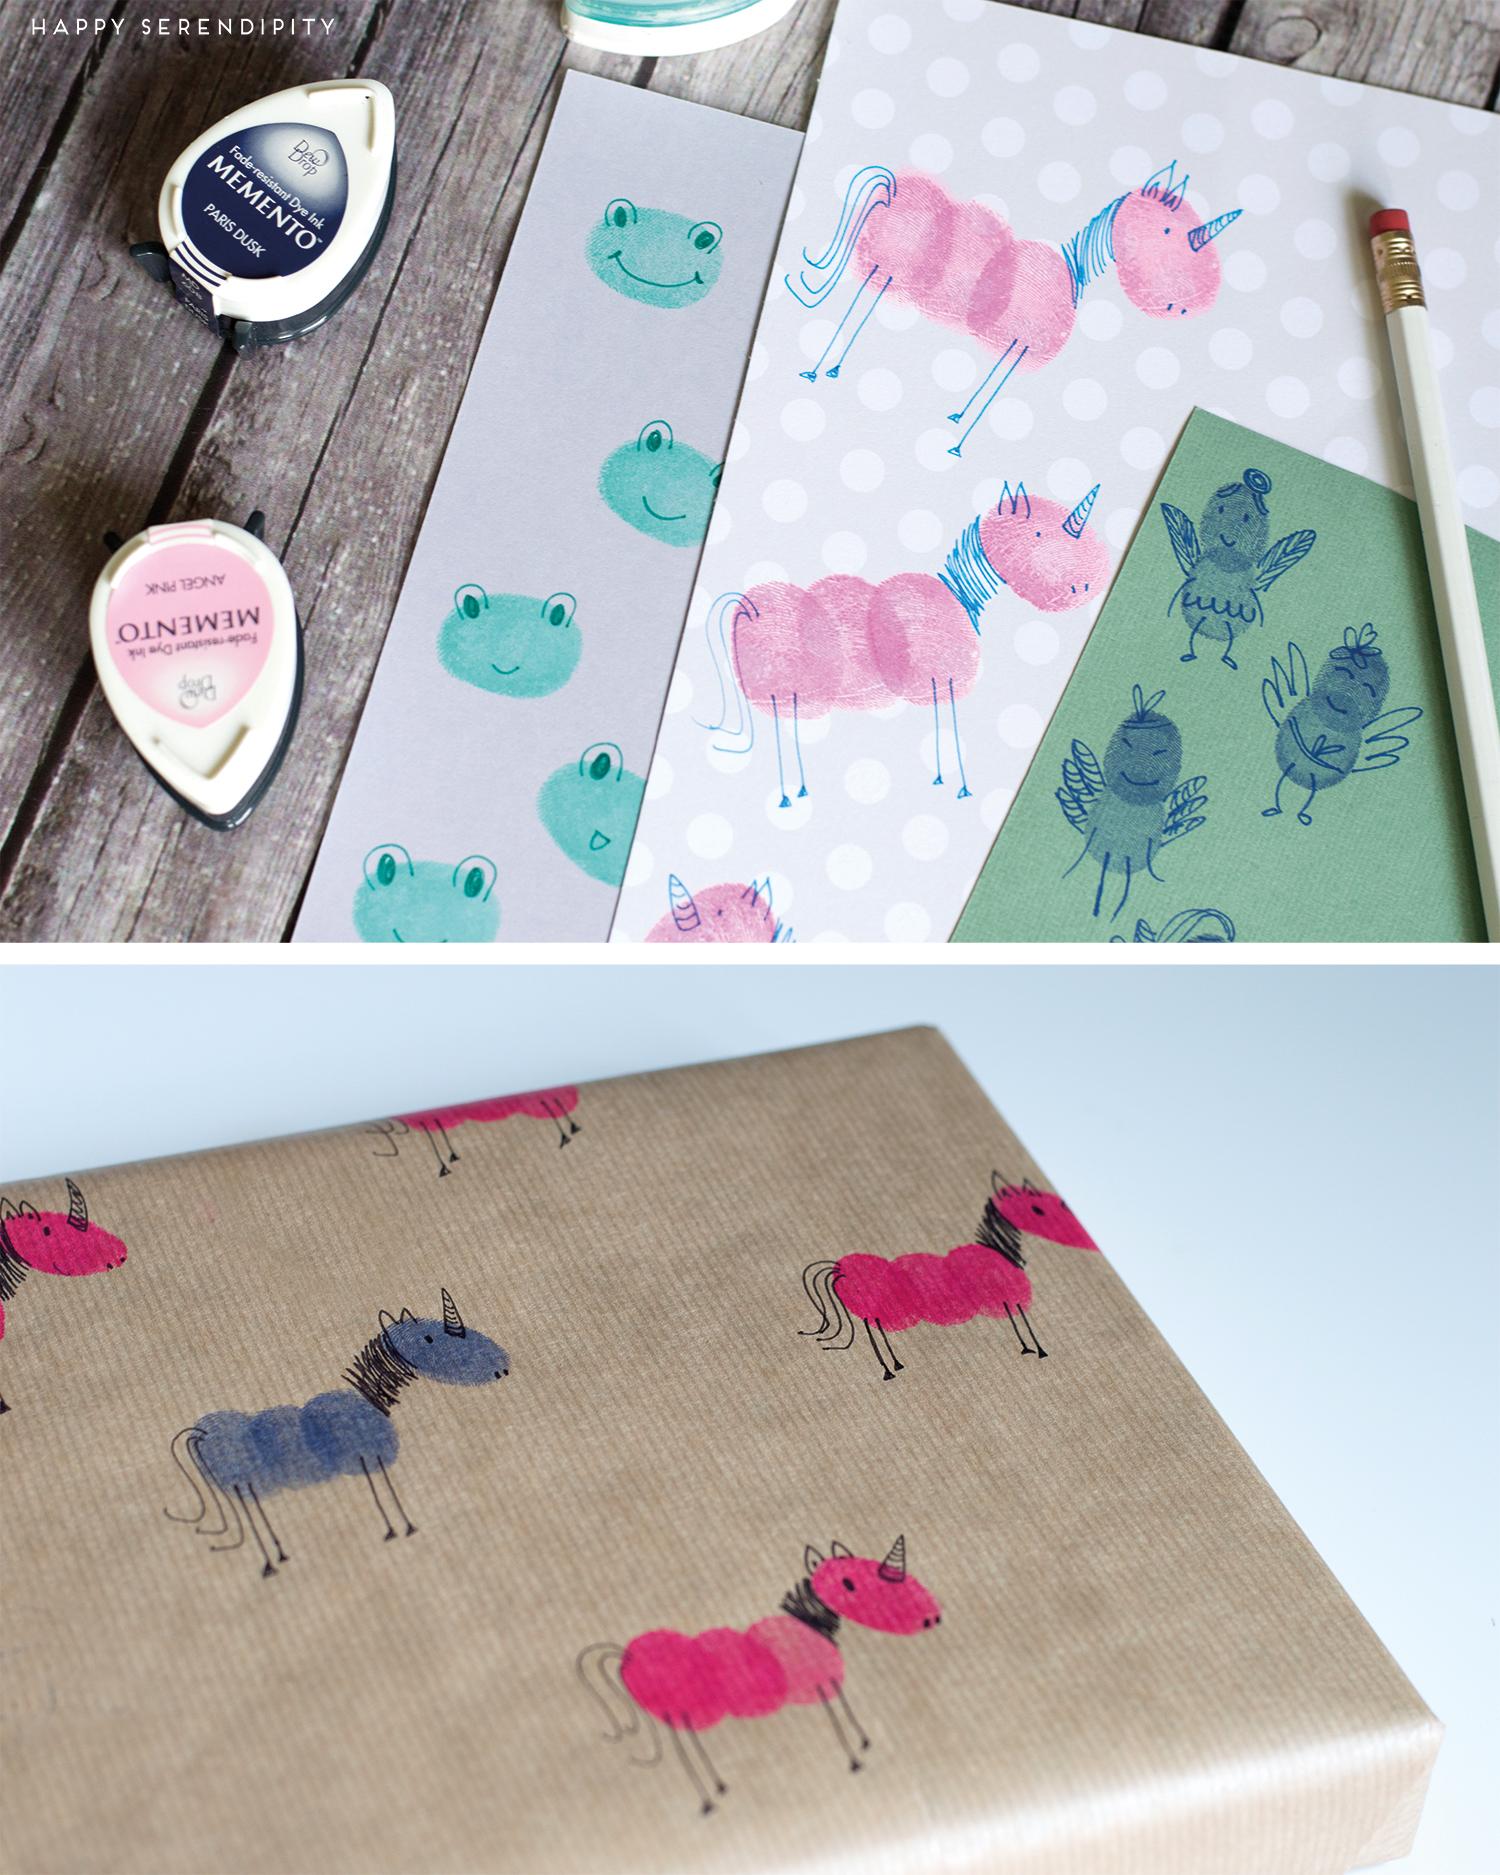 geschenkpapier aus lustigen kreaturen aus fingerabdrücken